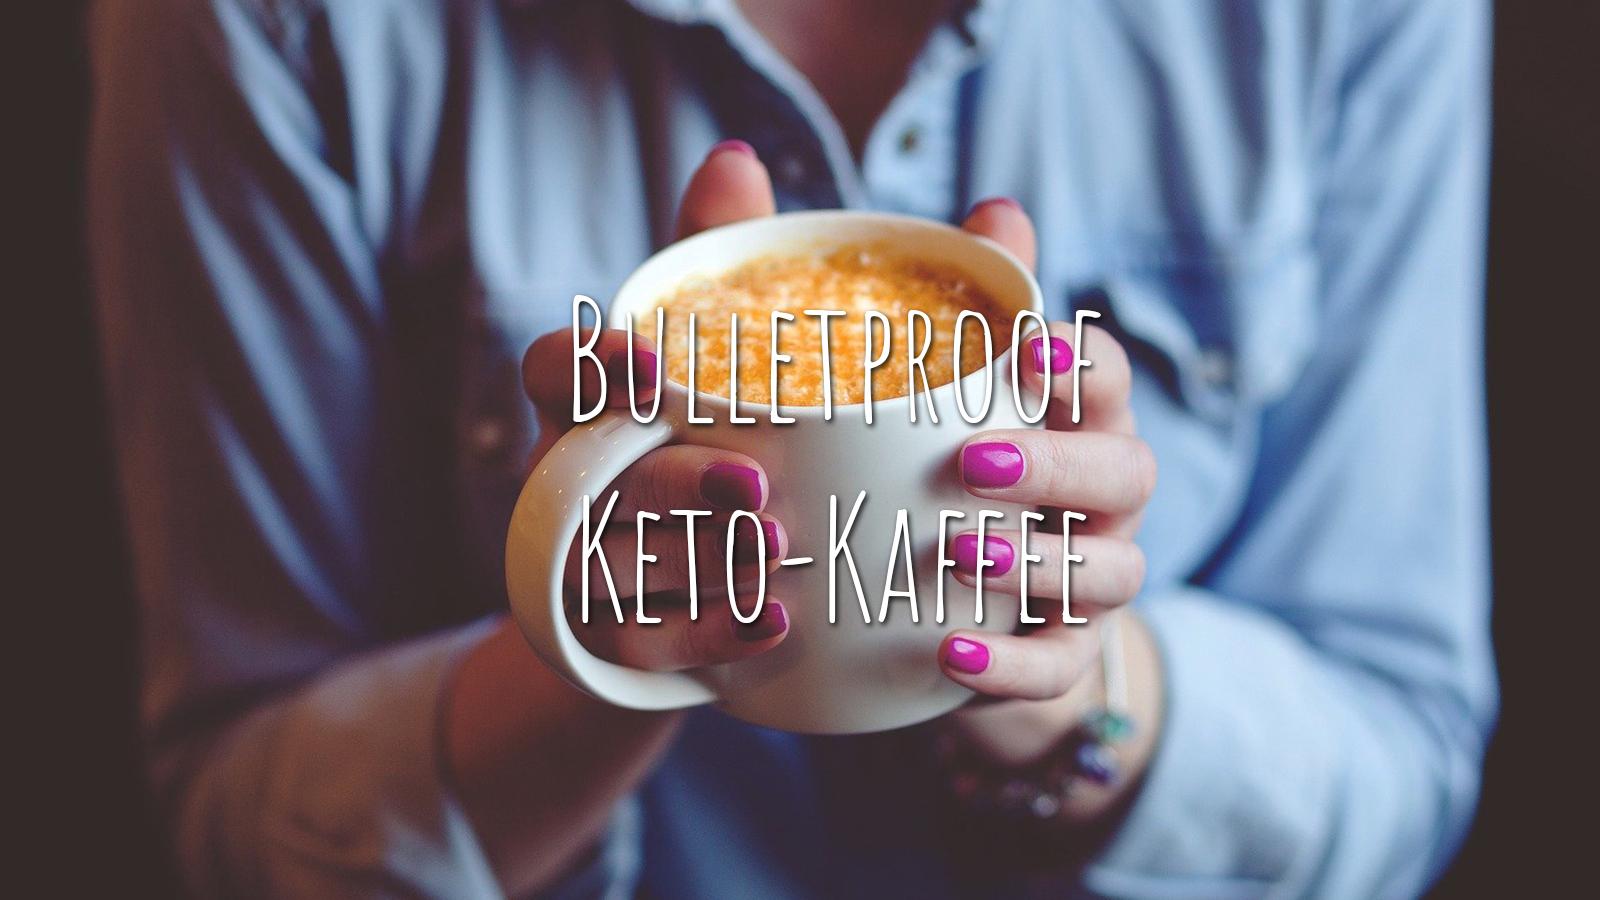 Bulletproof-Kaffee: Keto-Kaffee